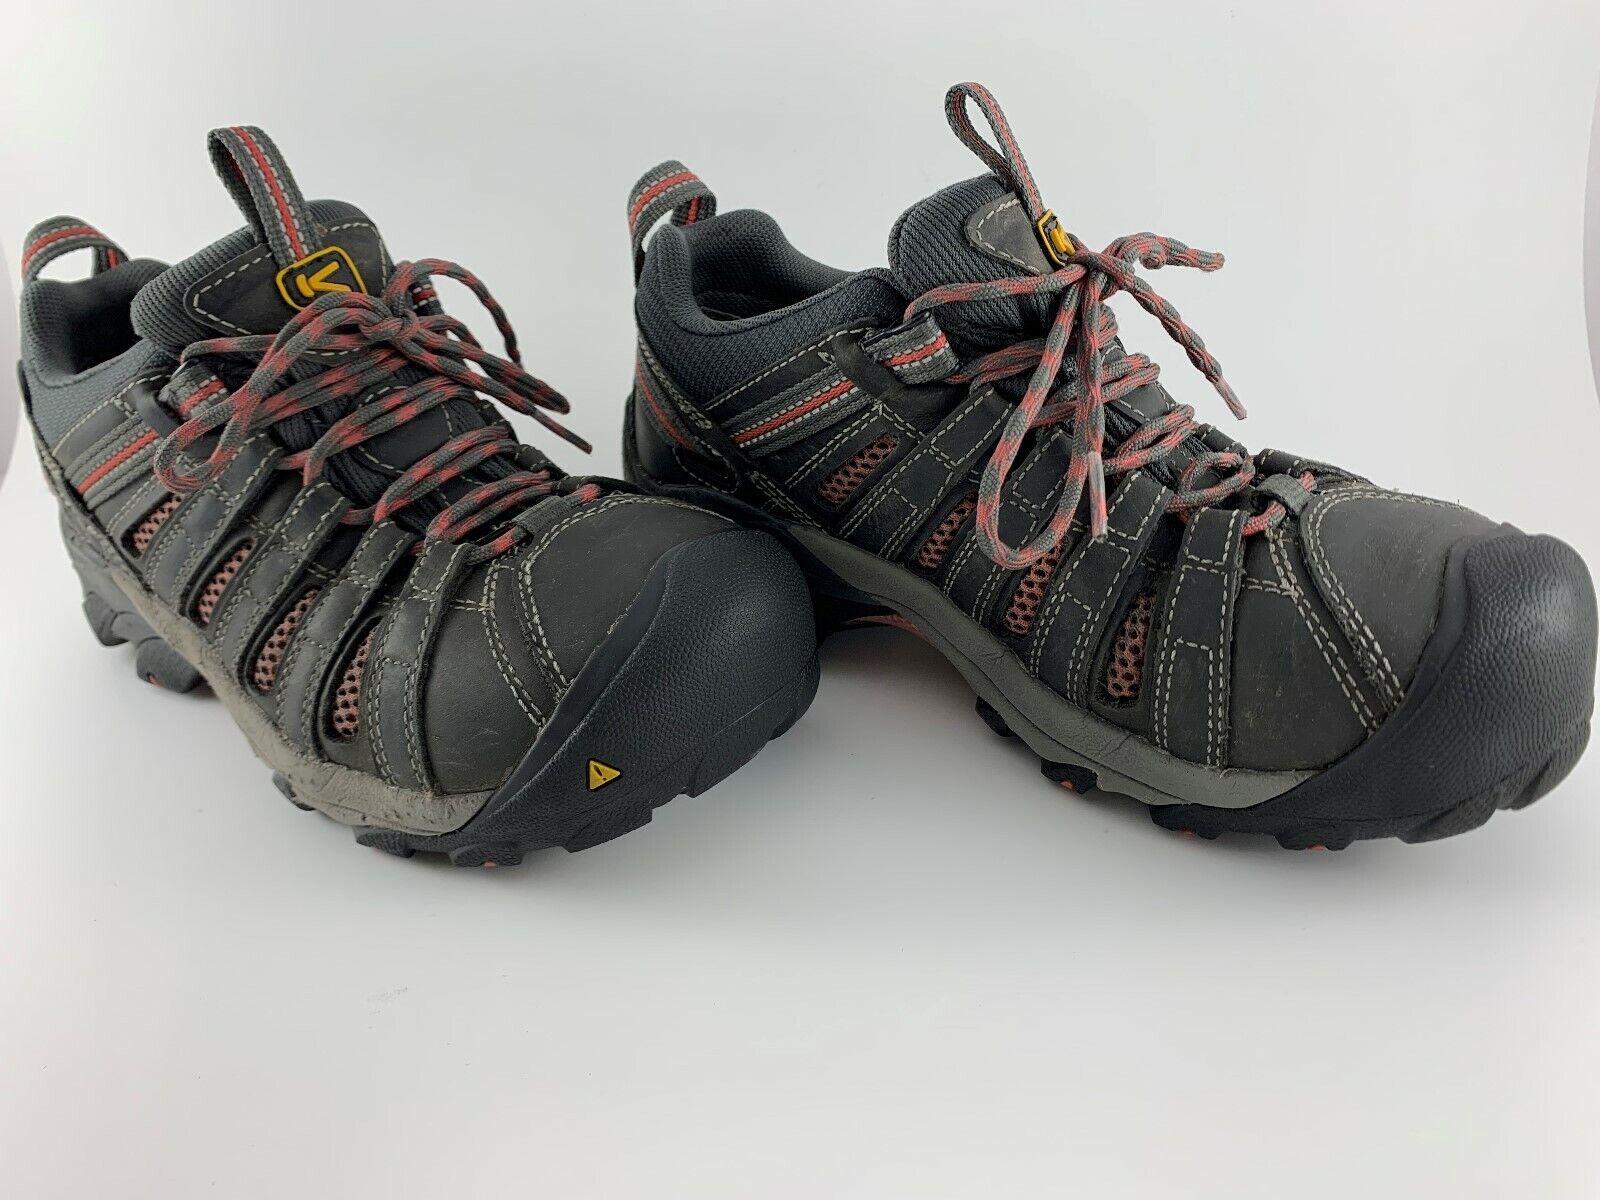 Keen Flint bajo ASTM F2413-11 EH Senderismo Trabajo Mujer Zapatos   envío Gratis  rápido